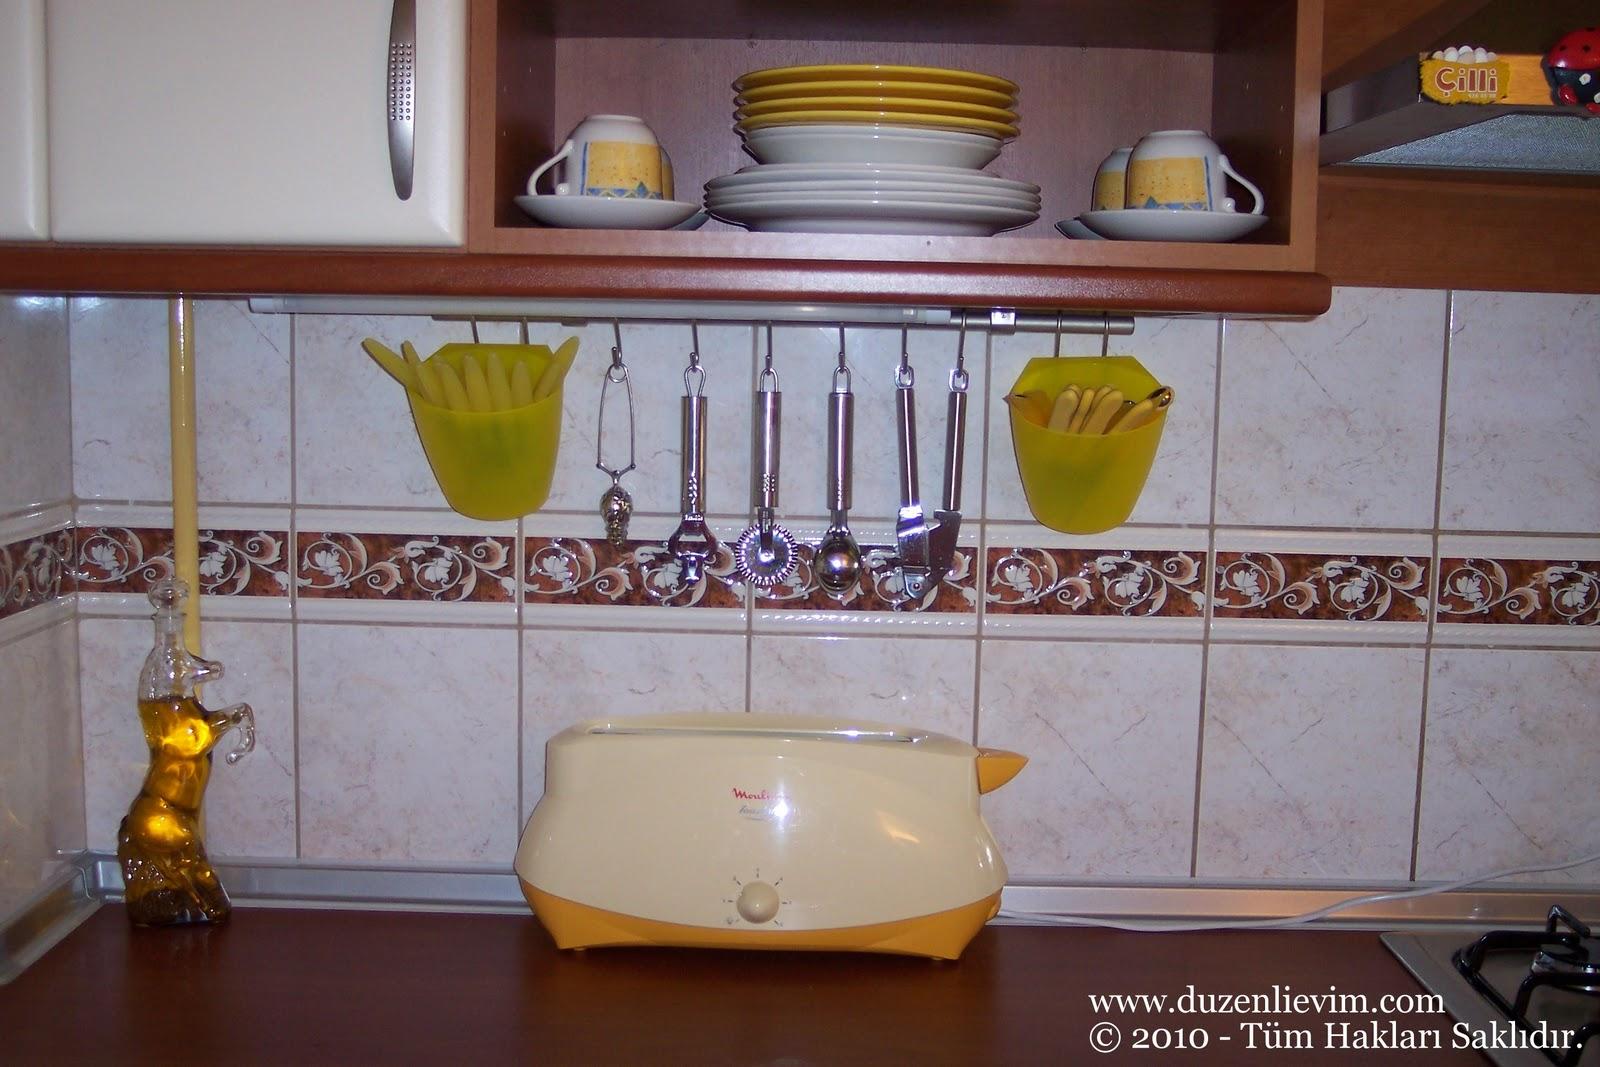 Eviniz İçin Şık ve Pratik Öneriler